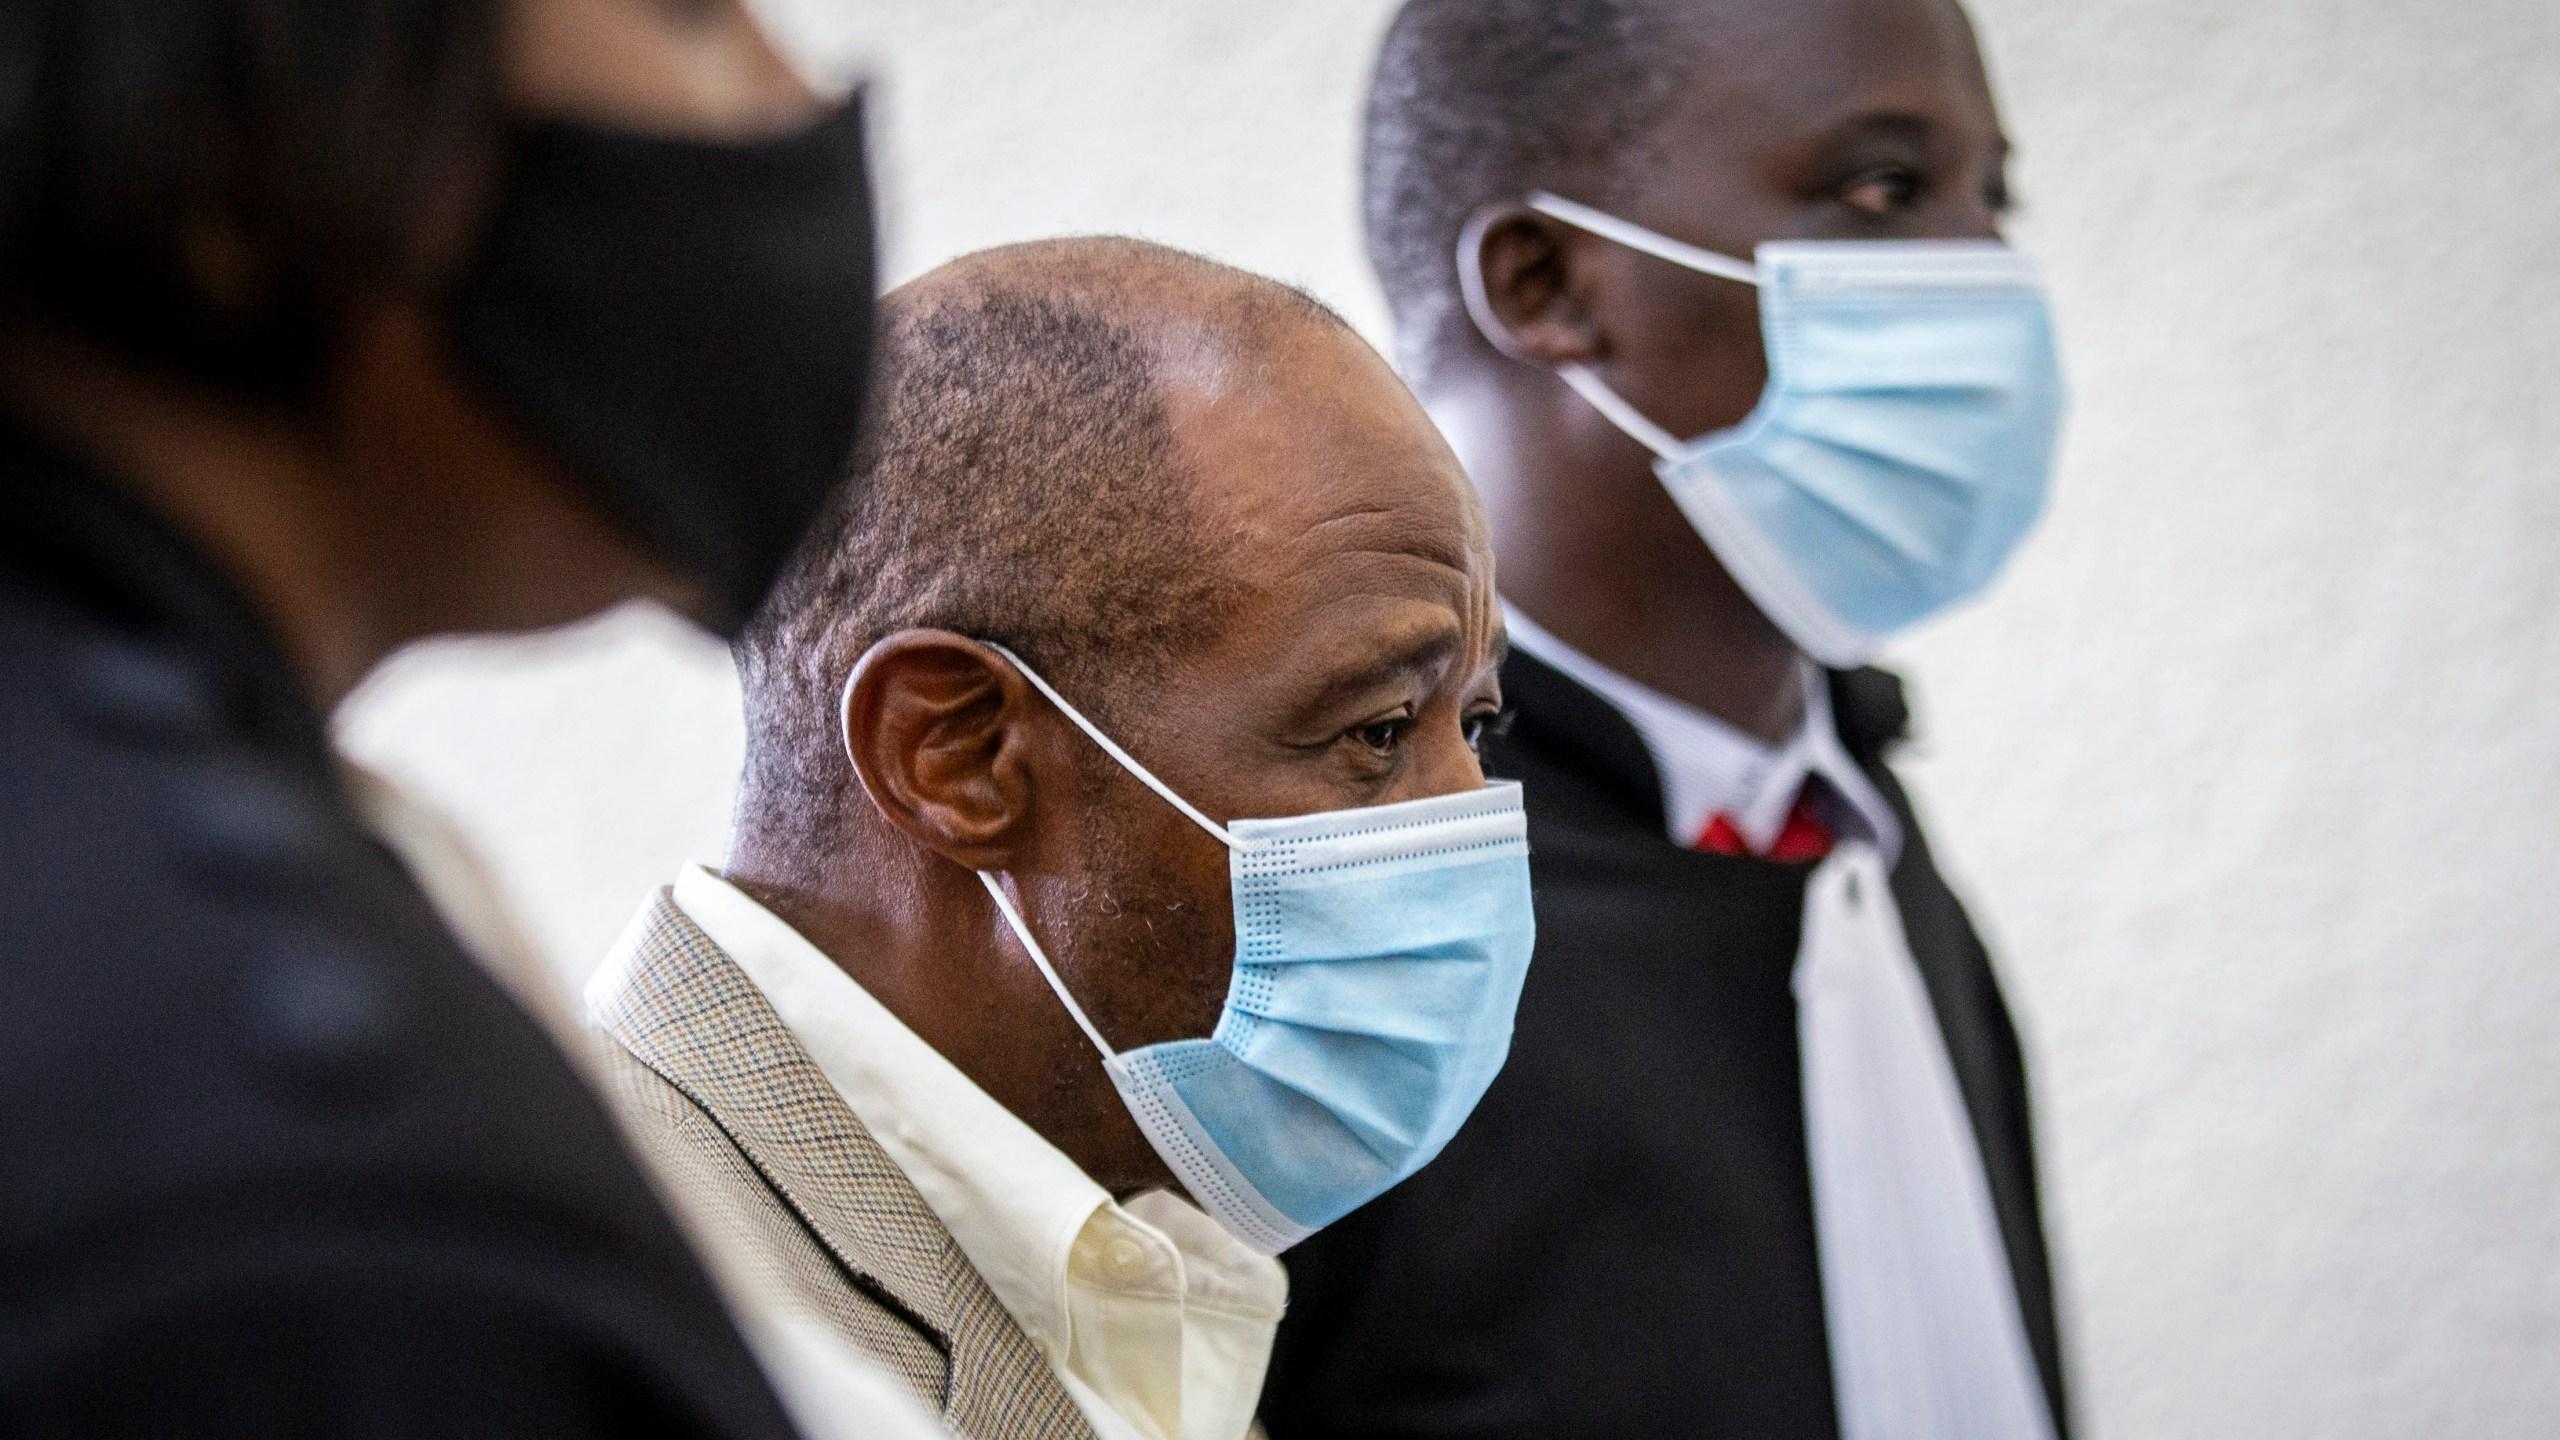 Paul Rusesabagina